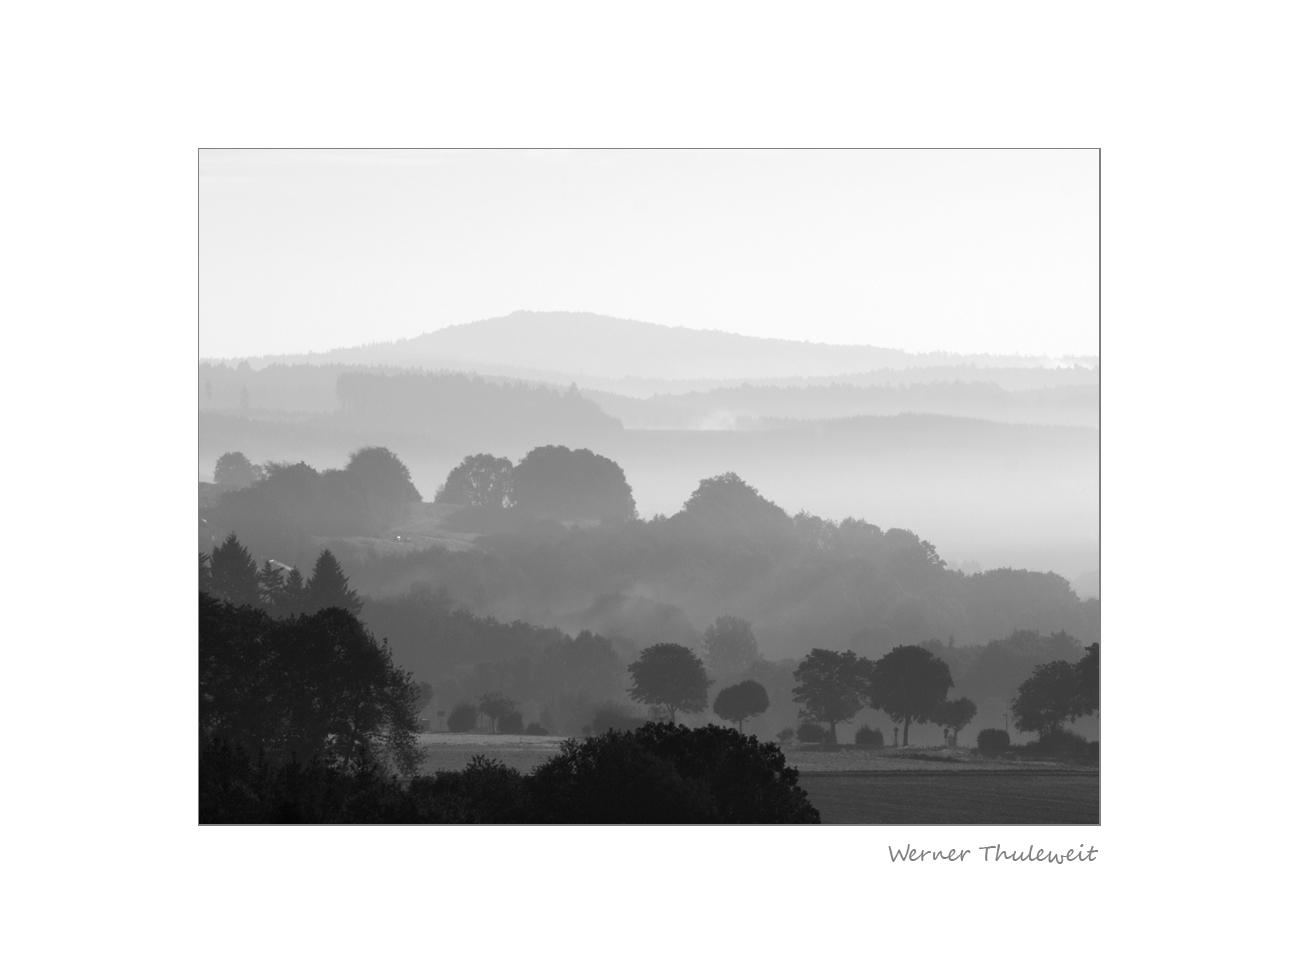 Spätsommermorgen im Knüllgebirge